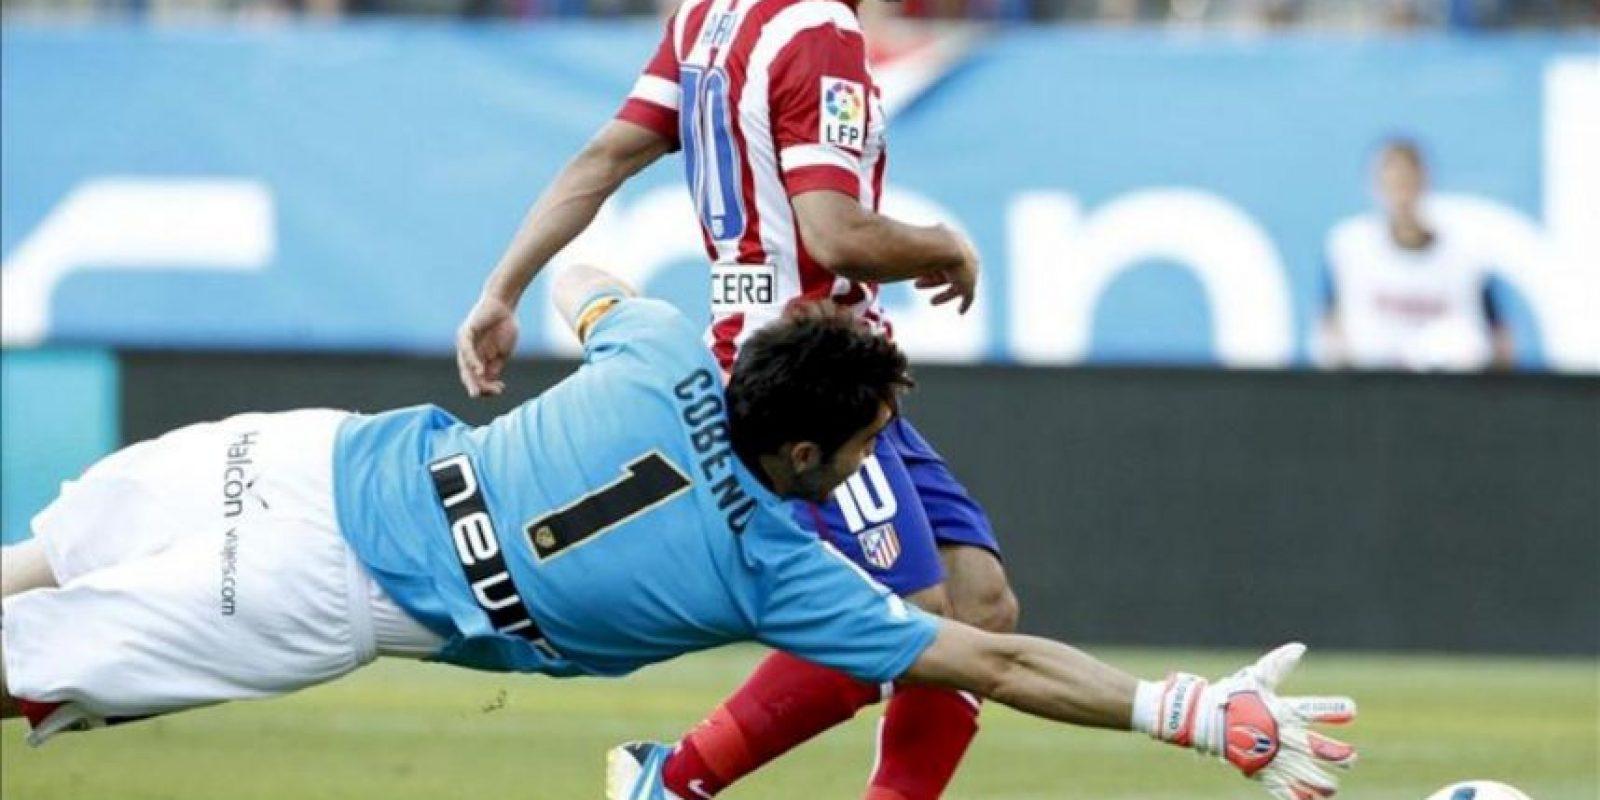 El jugador del Atlético de Madrid, Arda (d), bate al portero del Rayo Vallecano, Cobeño, en el partido de la Liga BBVA . EFE